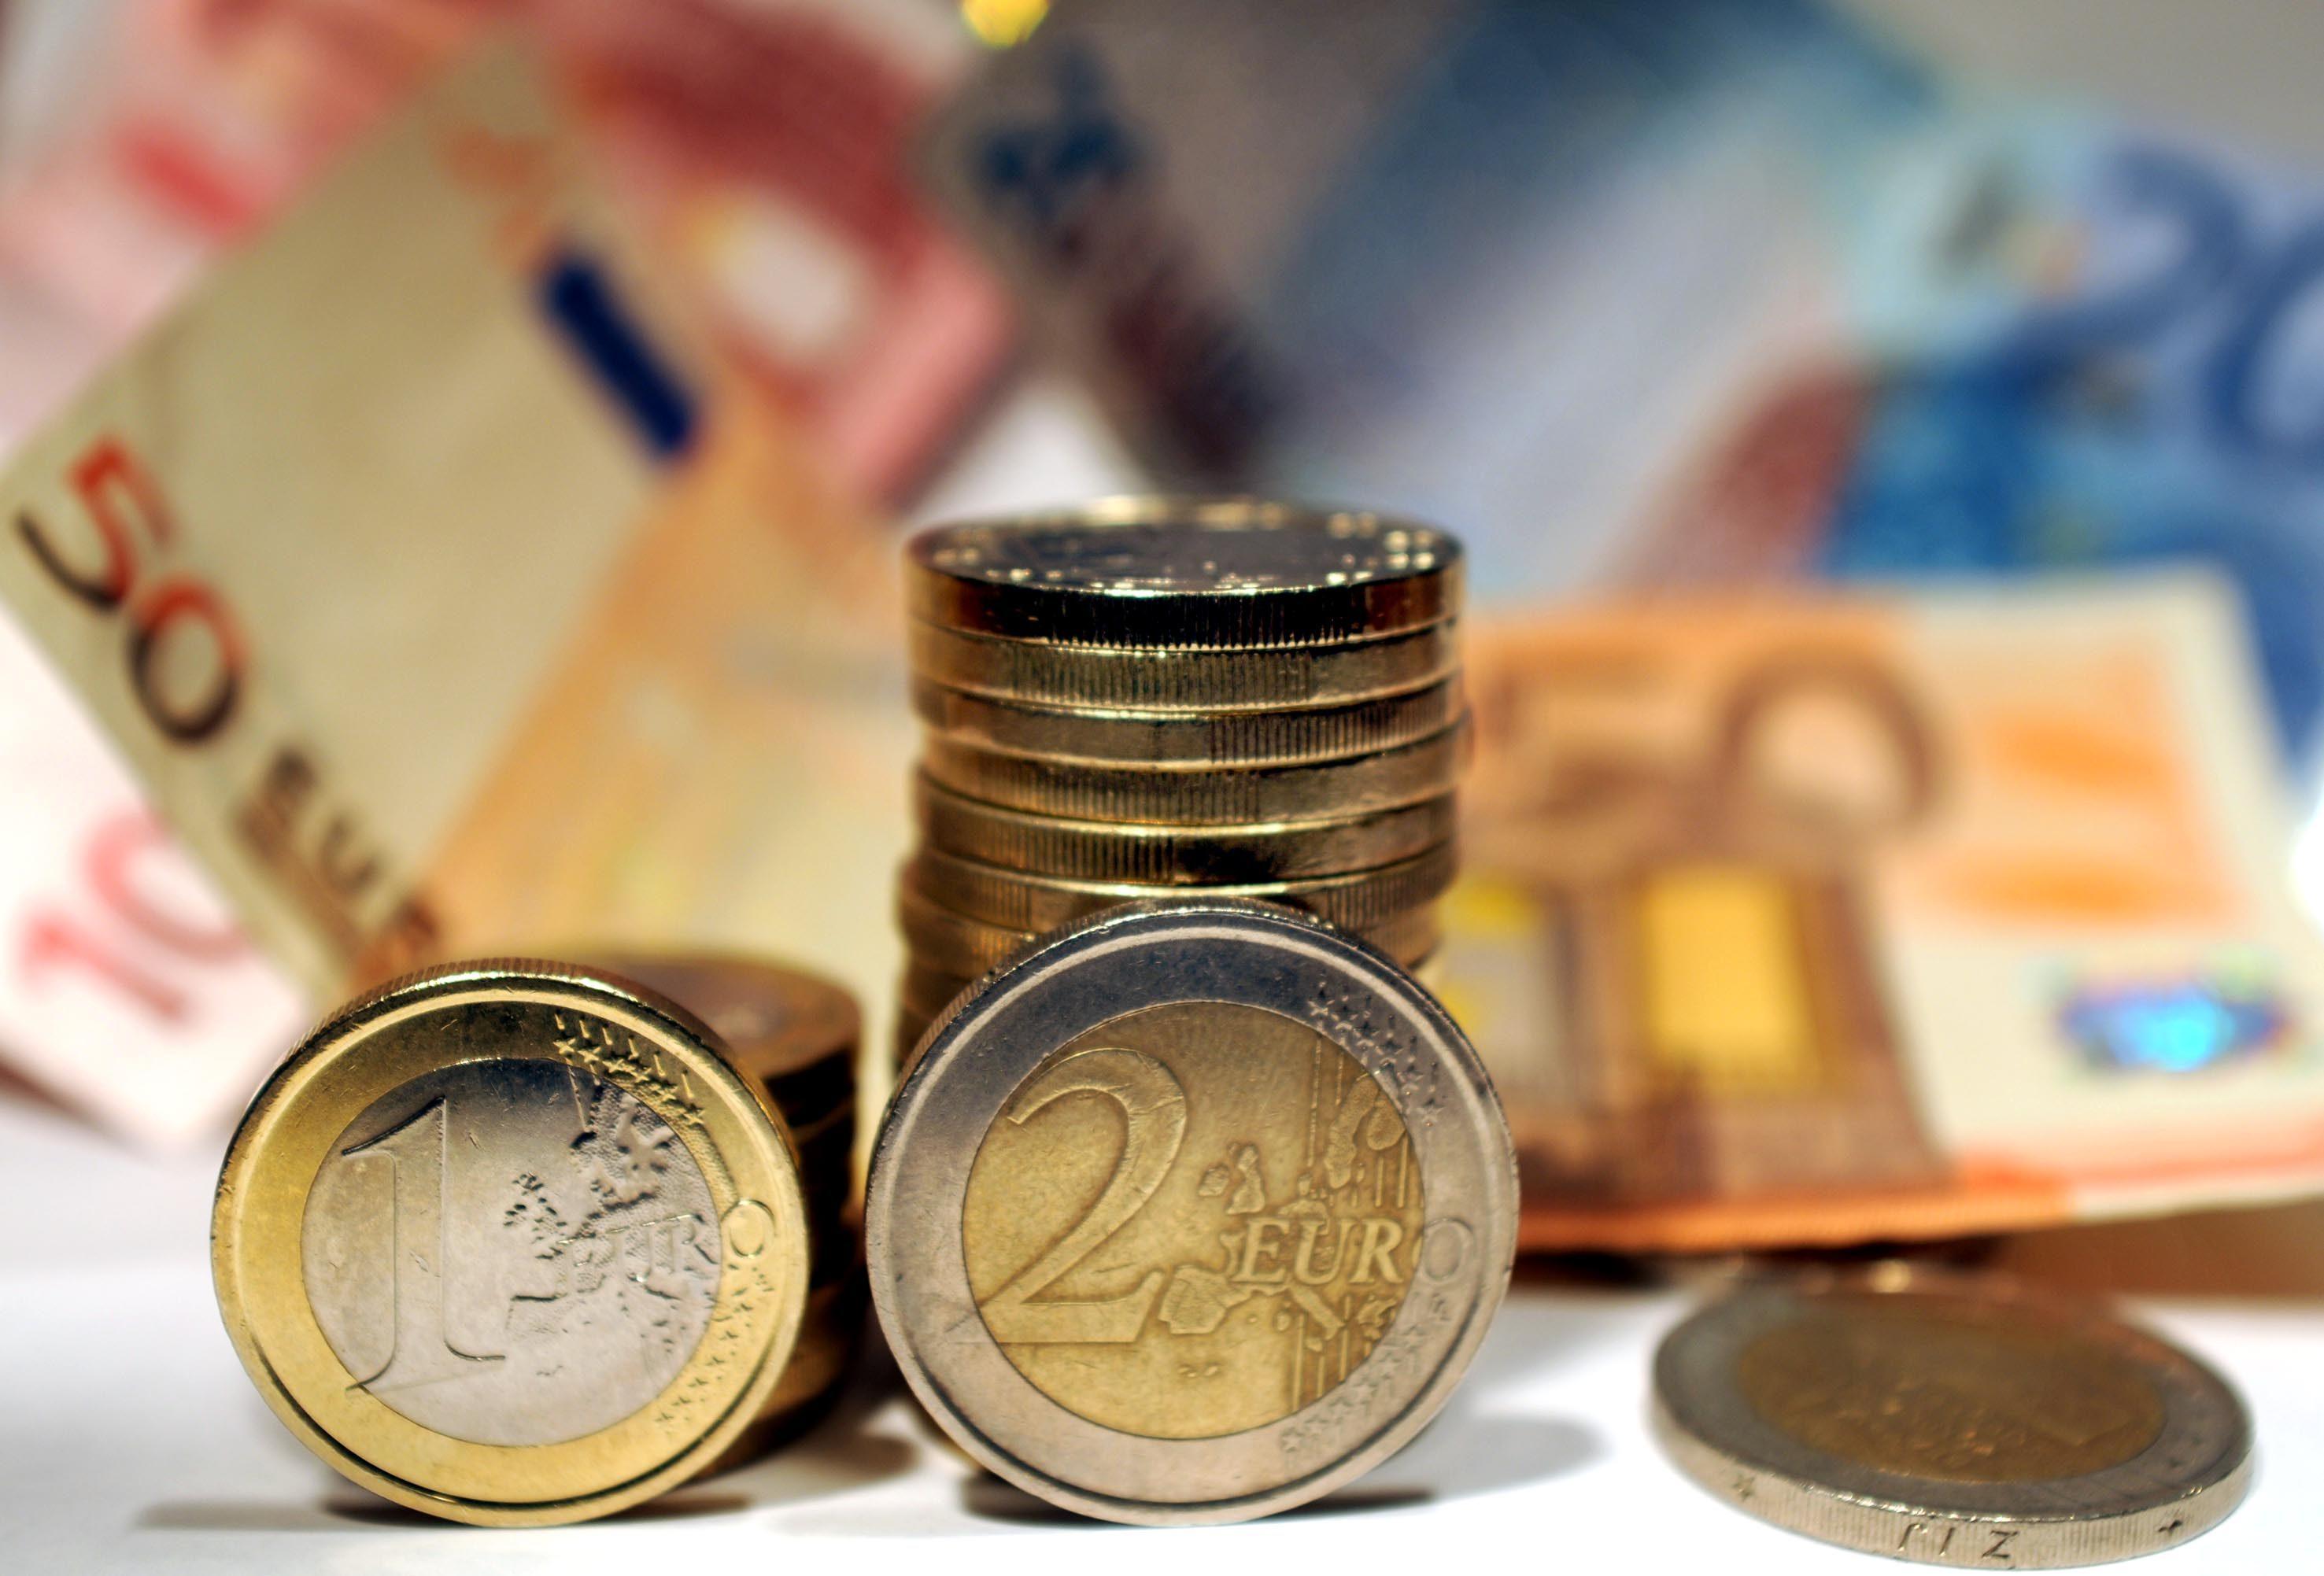 Nuova normativa pagamento stipendi contanti vietati sanzioni fino a € 5 000